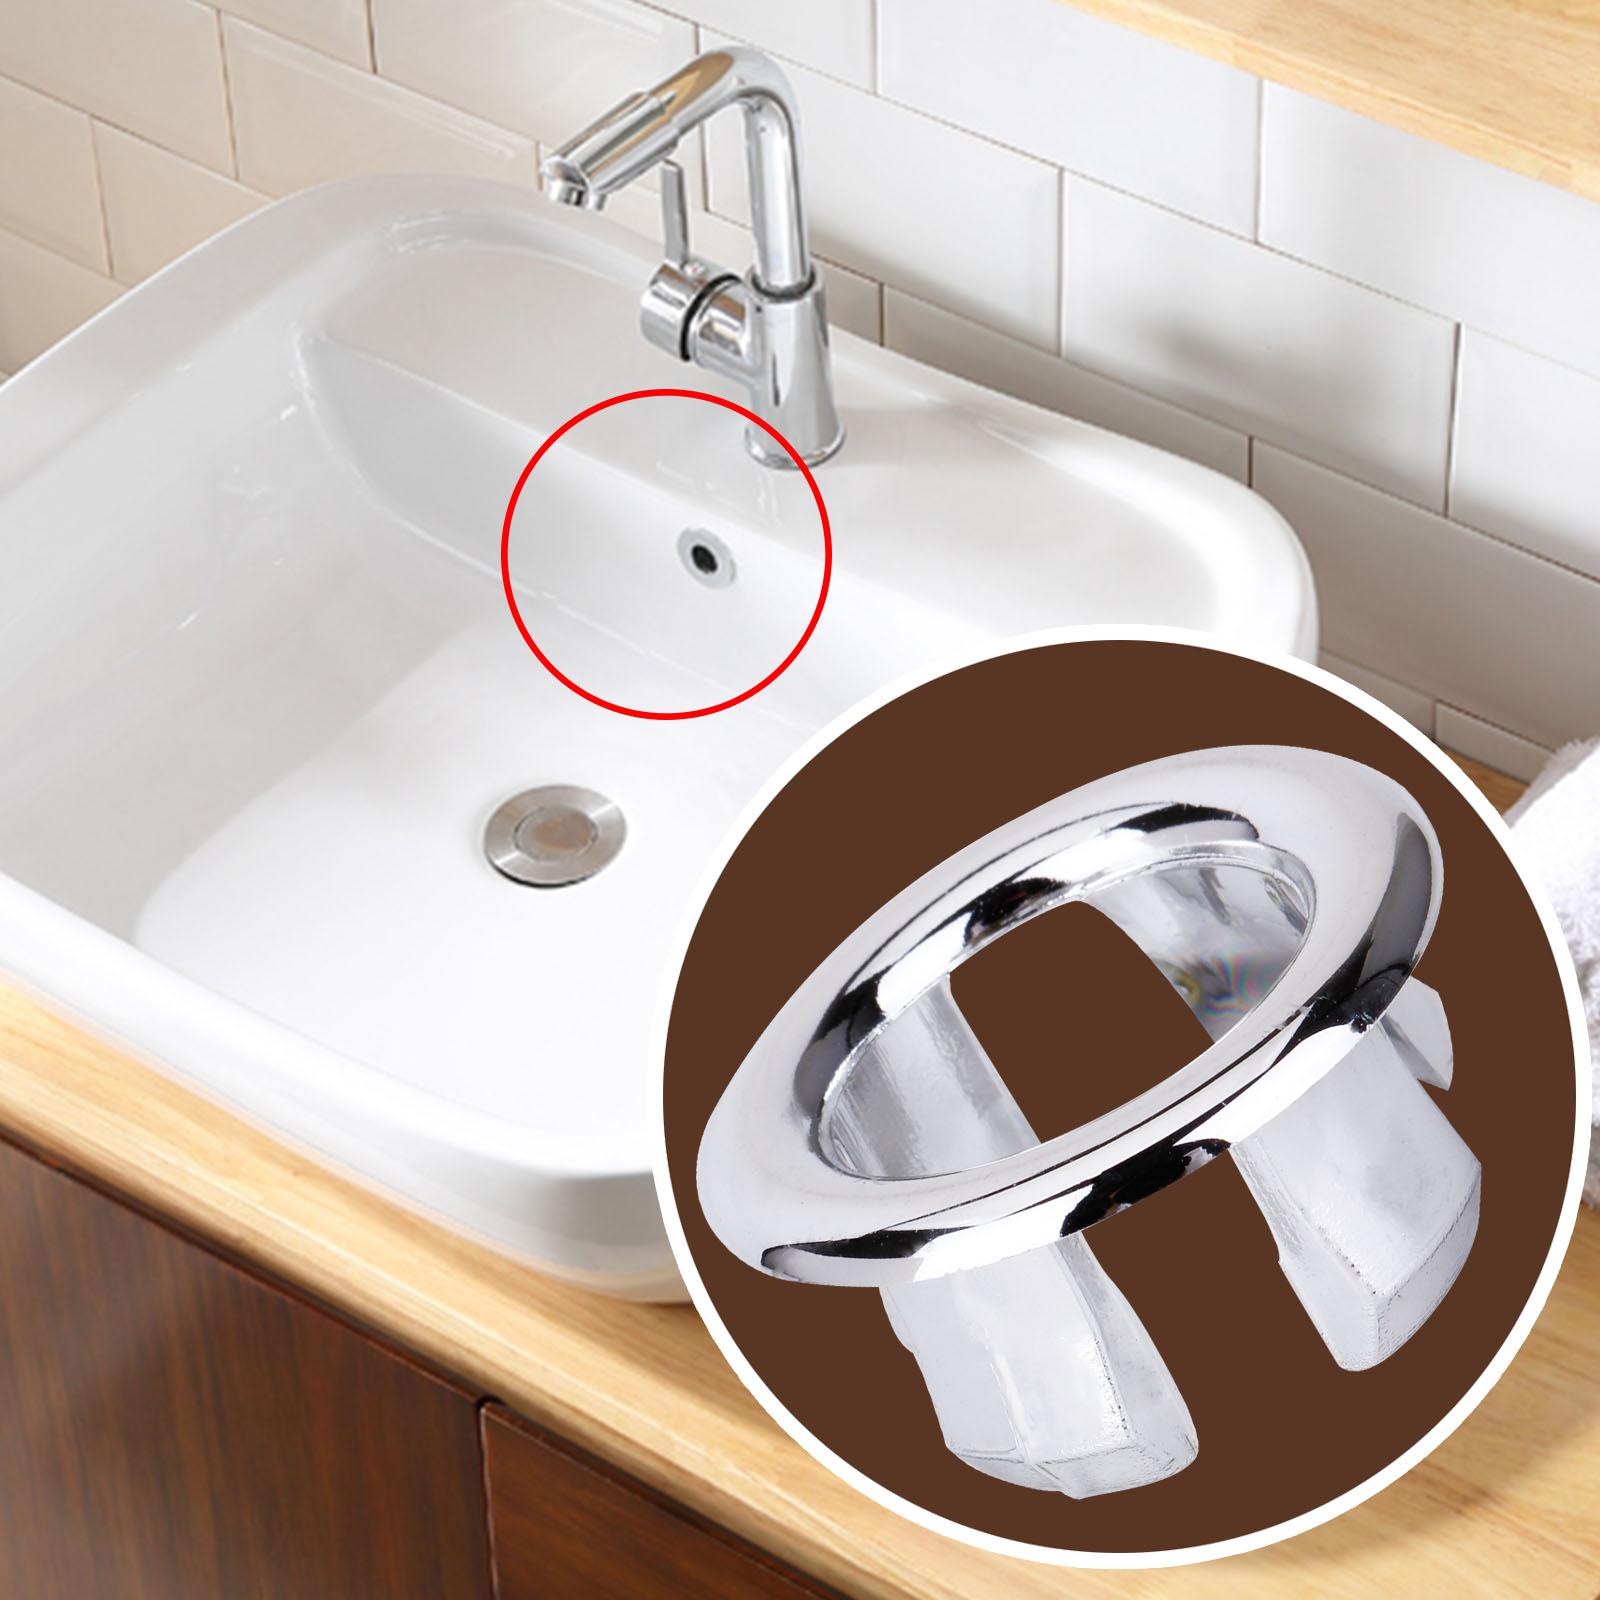 Bathroom sink overflow